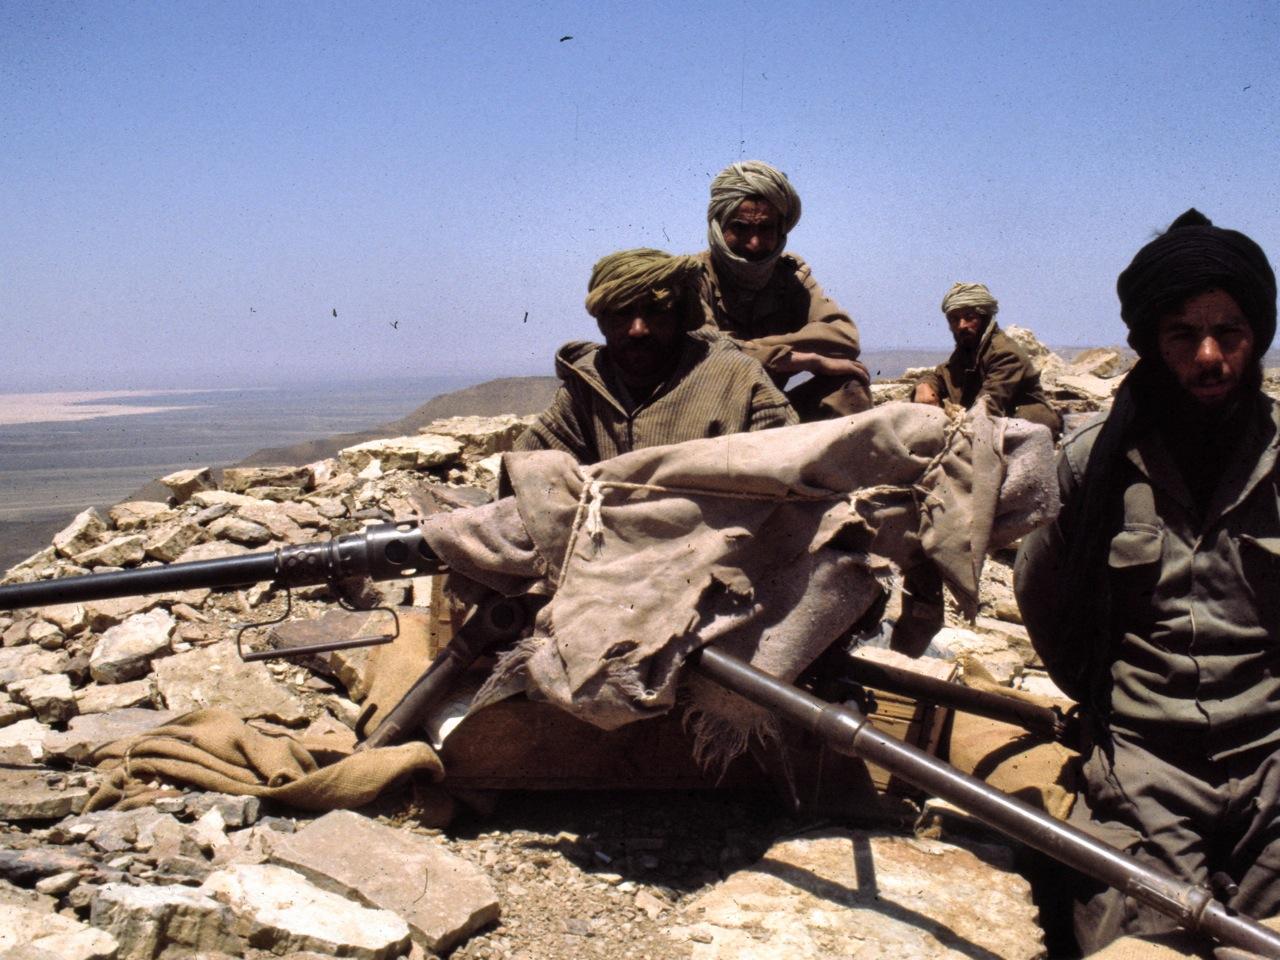 Photos de nos soldats et des Bases Marocaines - Page 2 394637770_aee930d8cd_o